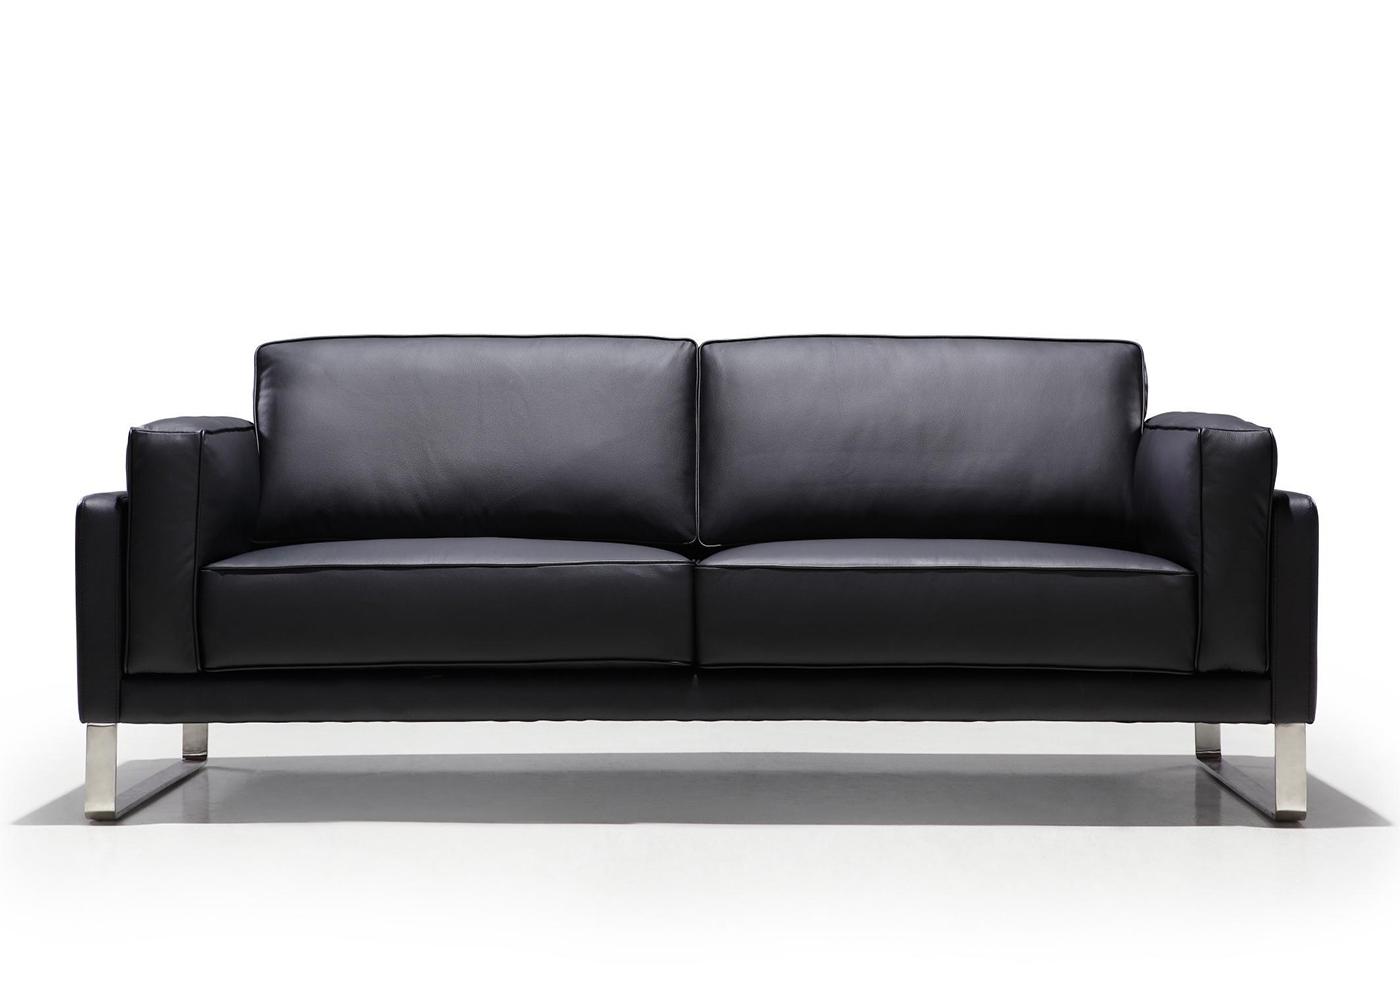 恩凯斯真皮沙发A05,上海真皮沙发,【尺寸 价格 图片 品牌】